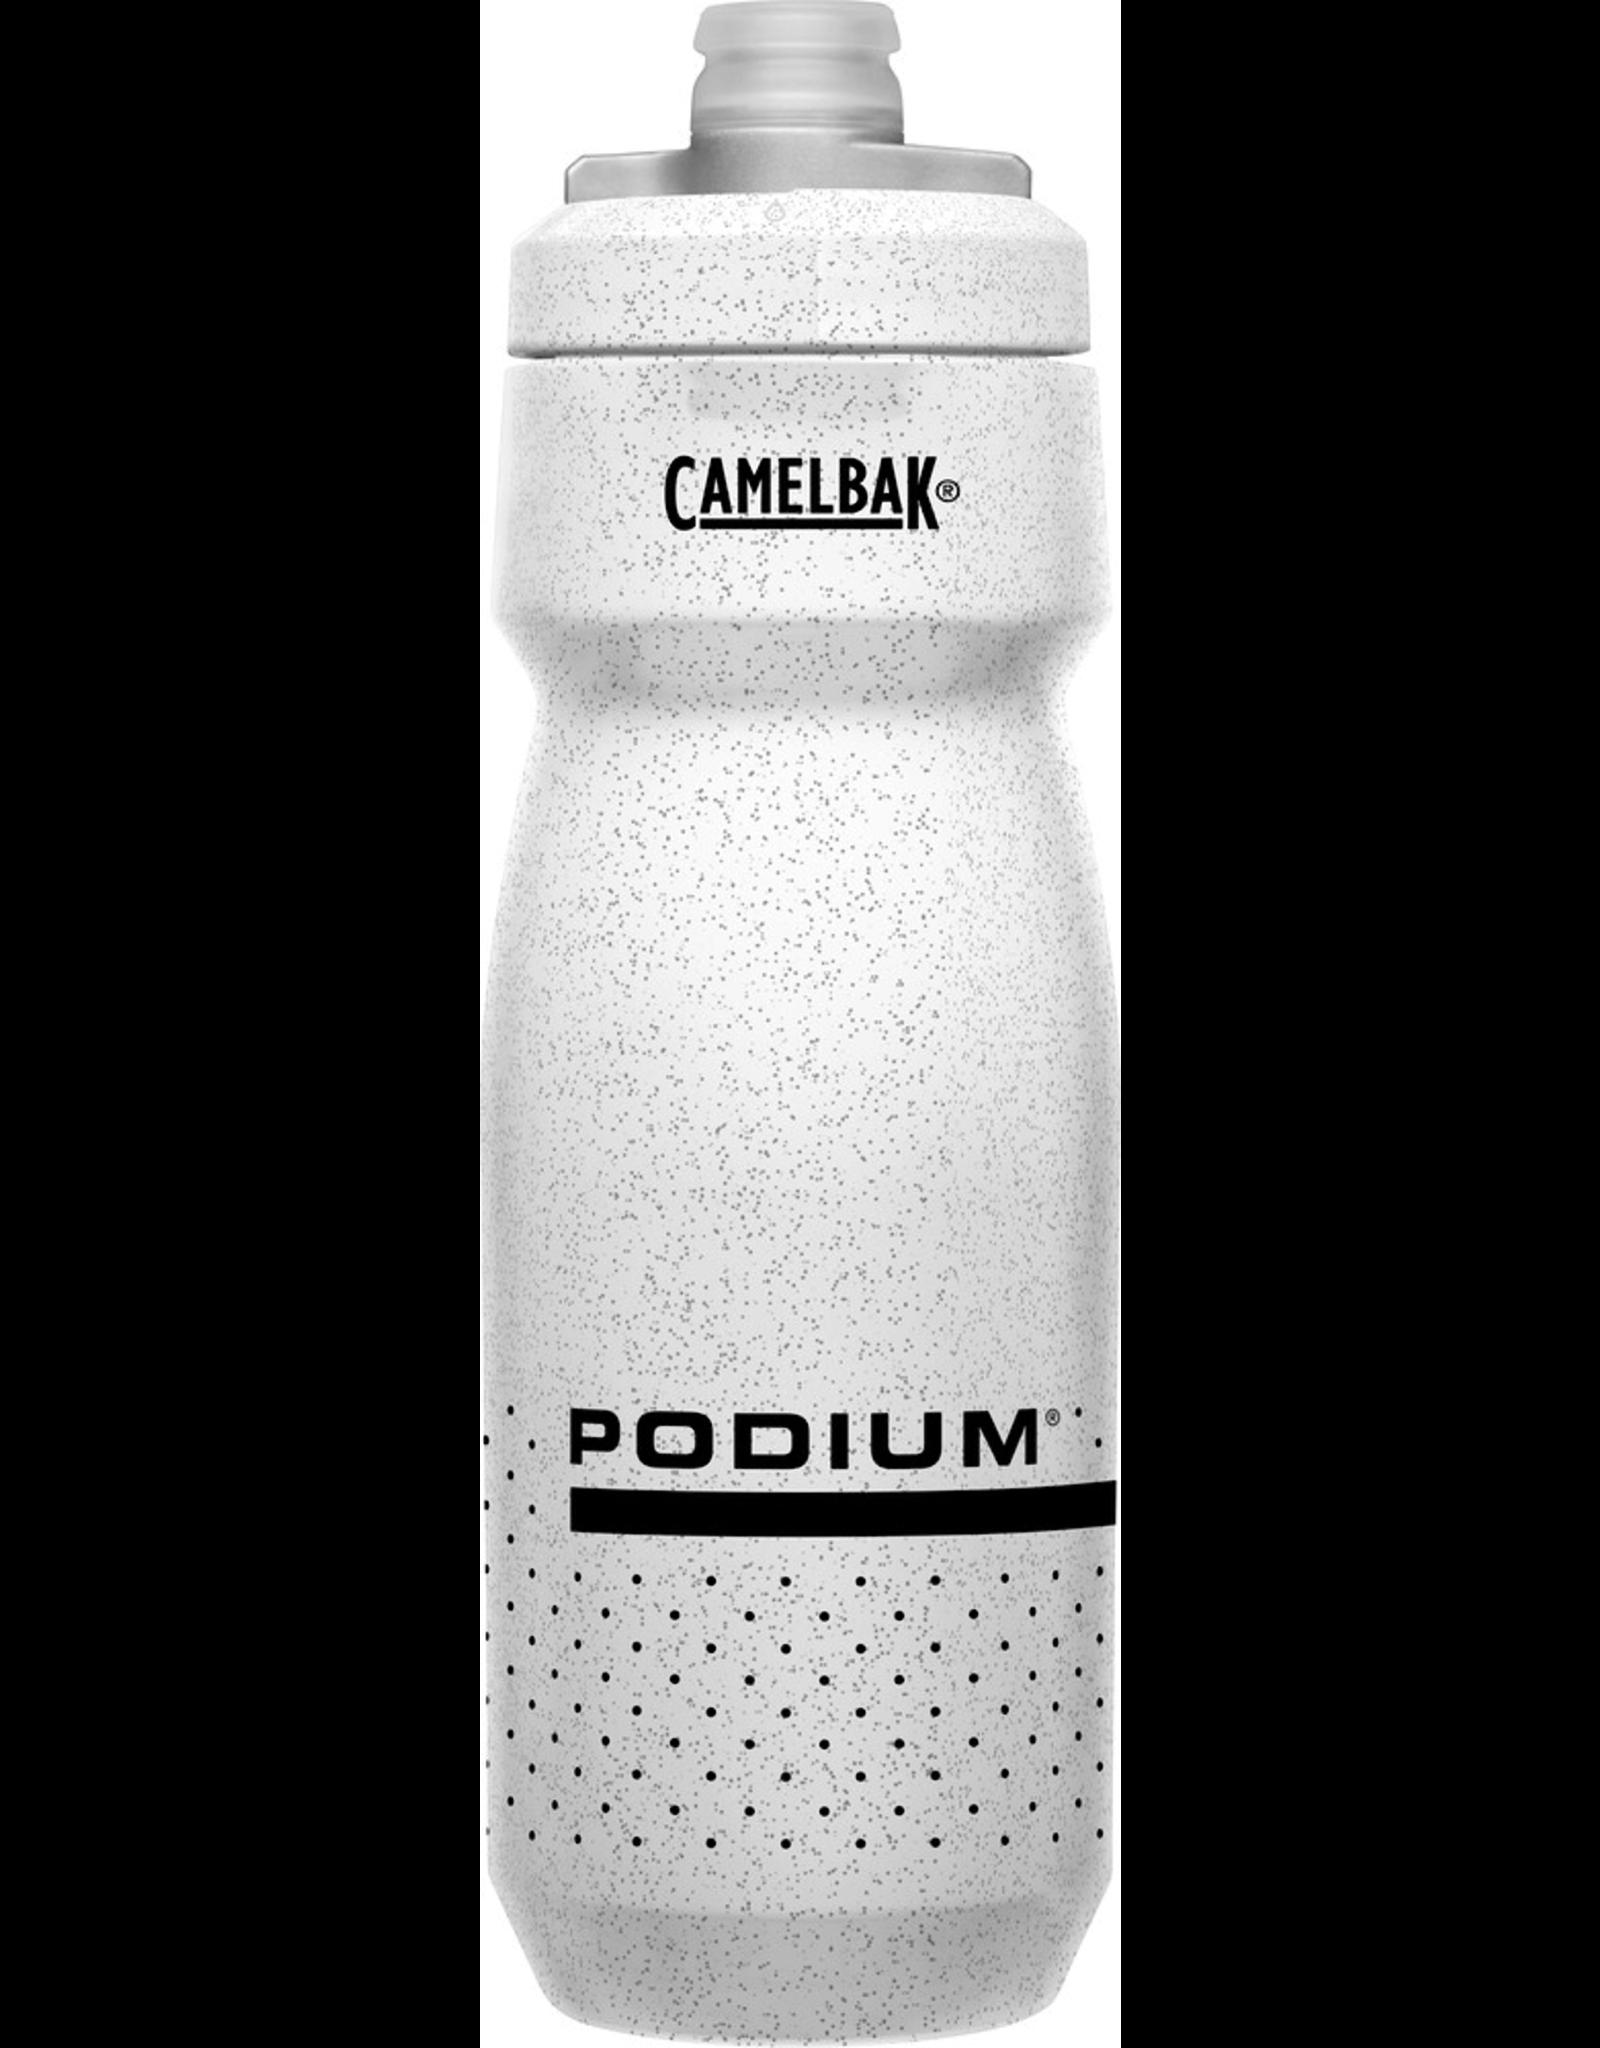 CAMELBAK PODIUM 710 ML WHITE SPECKLE WATER BOTTLE